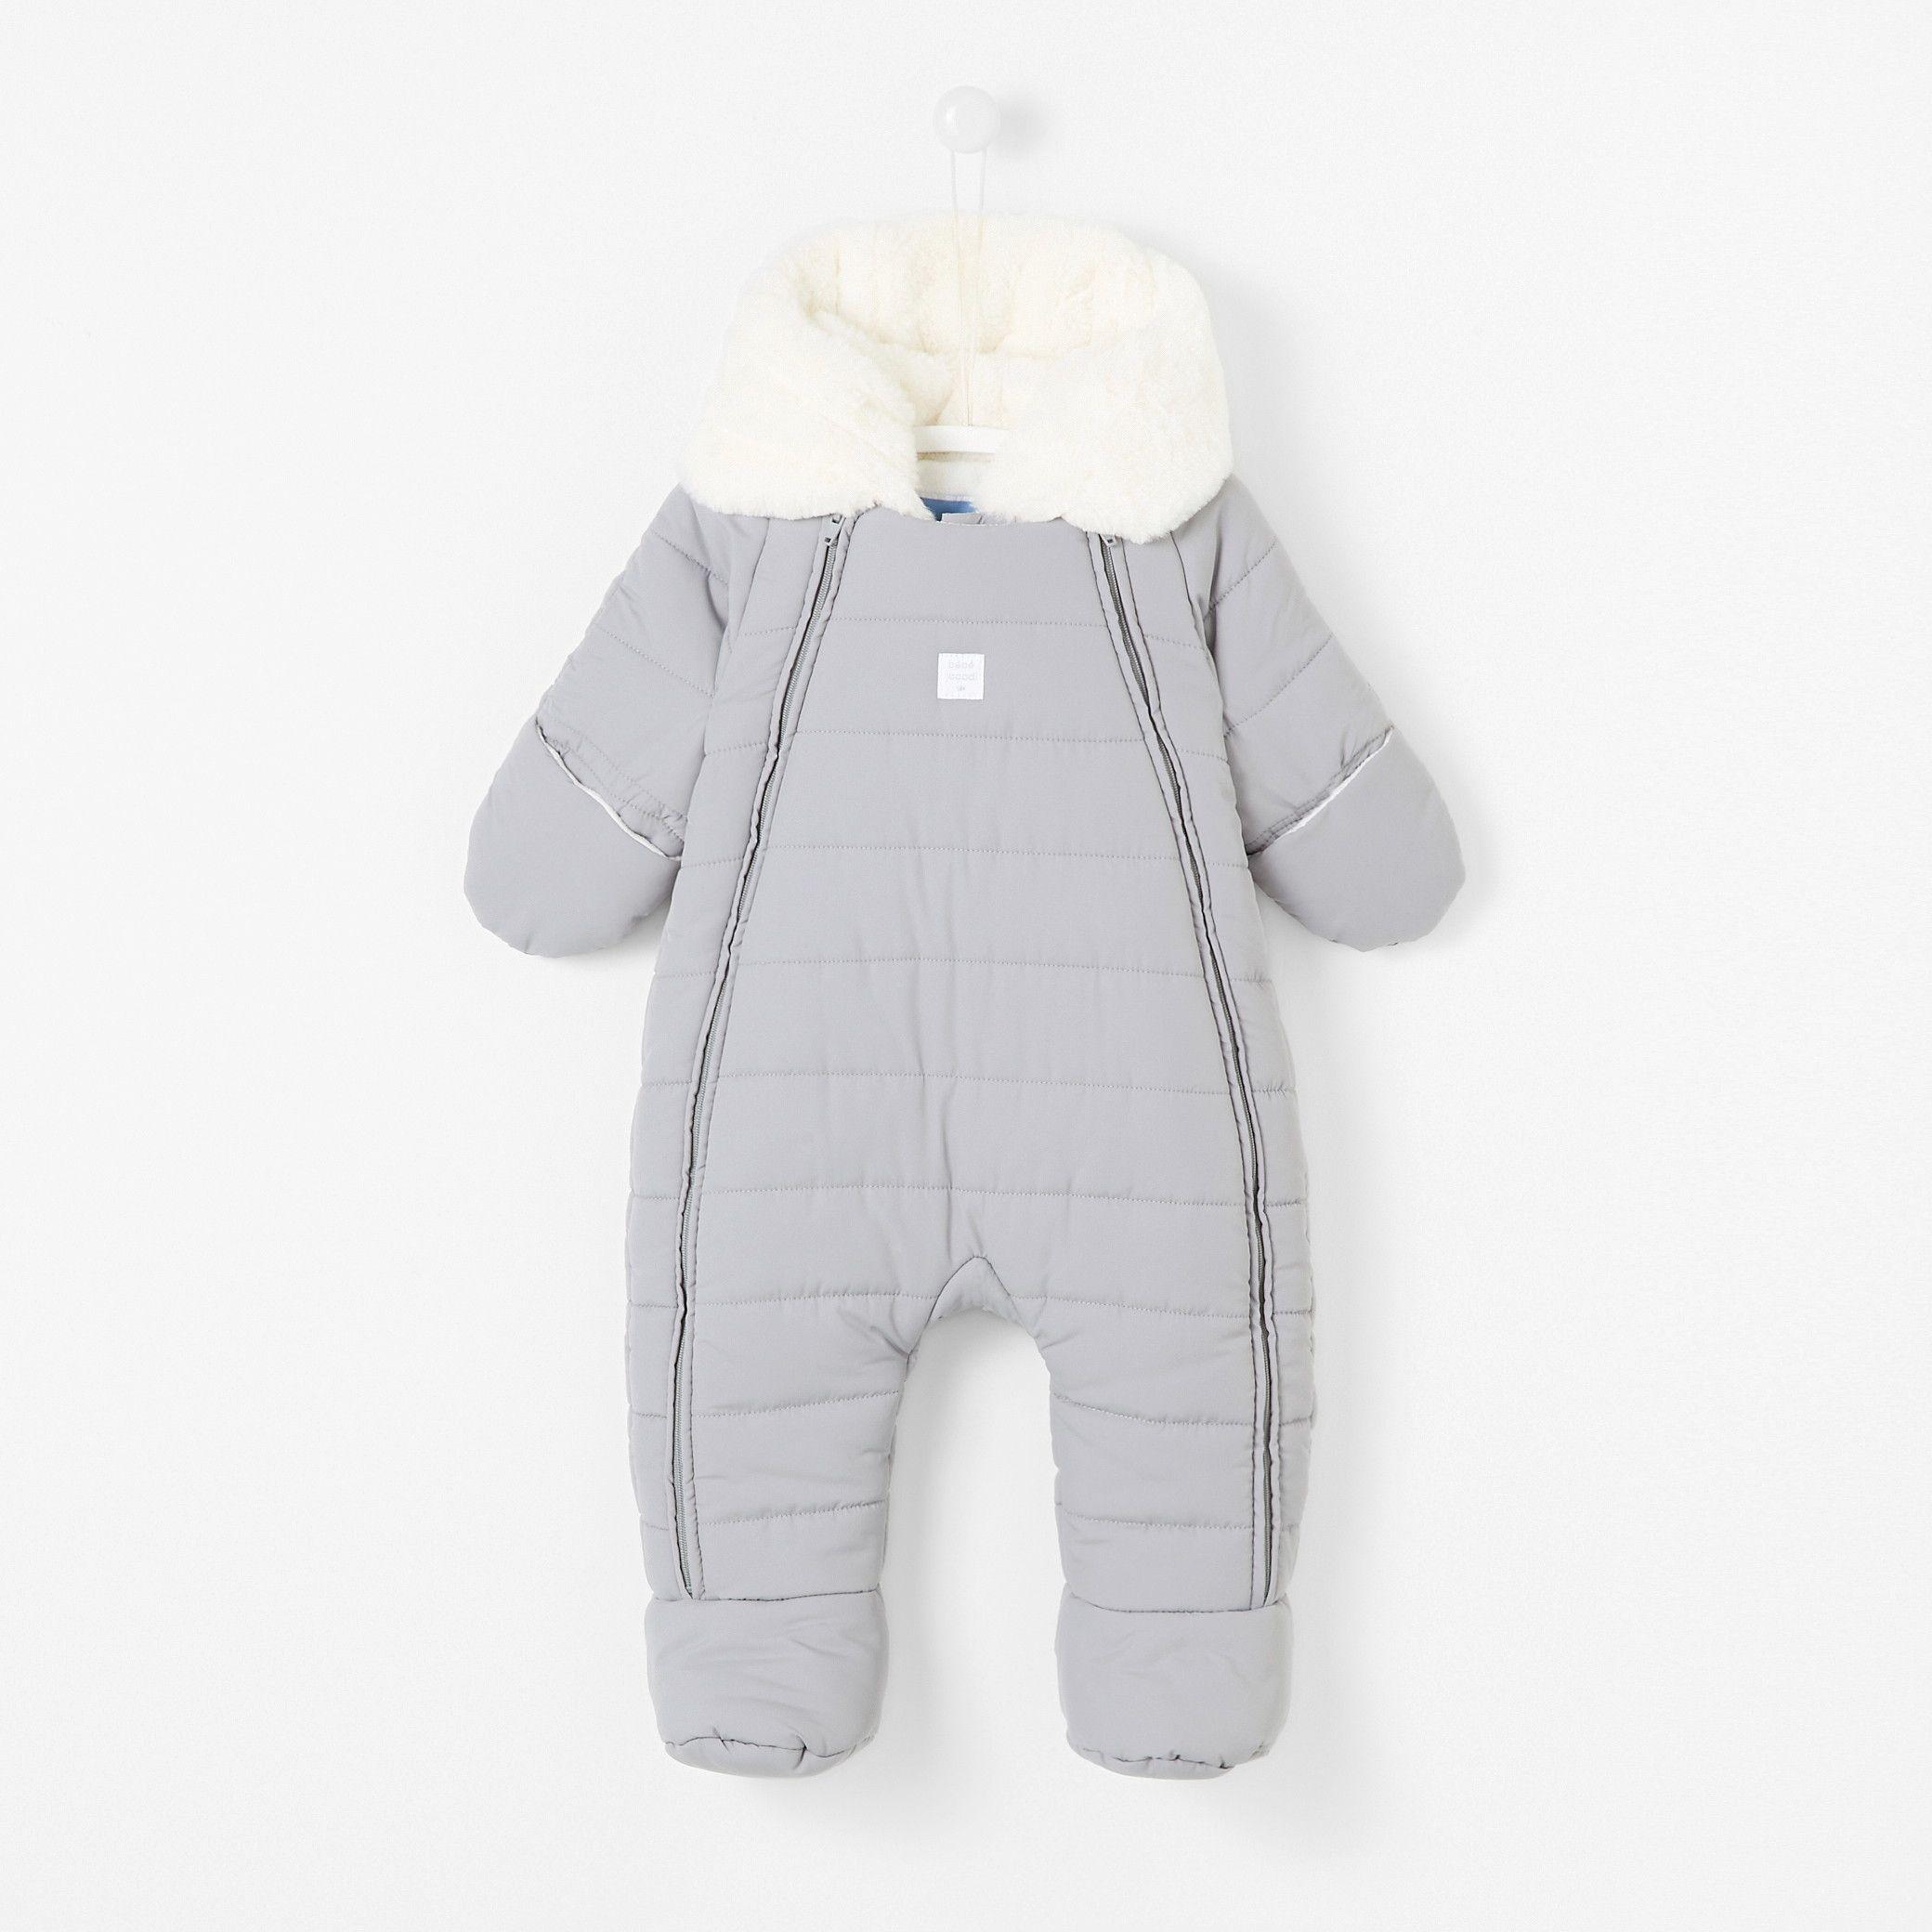 Mamum Nouveau-n/é b/éb/é gar/çon Fille Hiver Combinaison Polaire Capuche Barboteuse Manteau Chaud Outwear